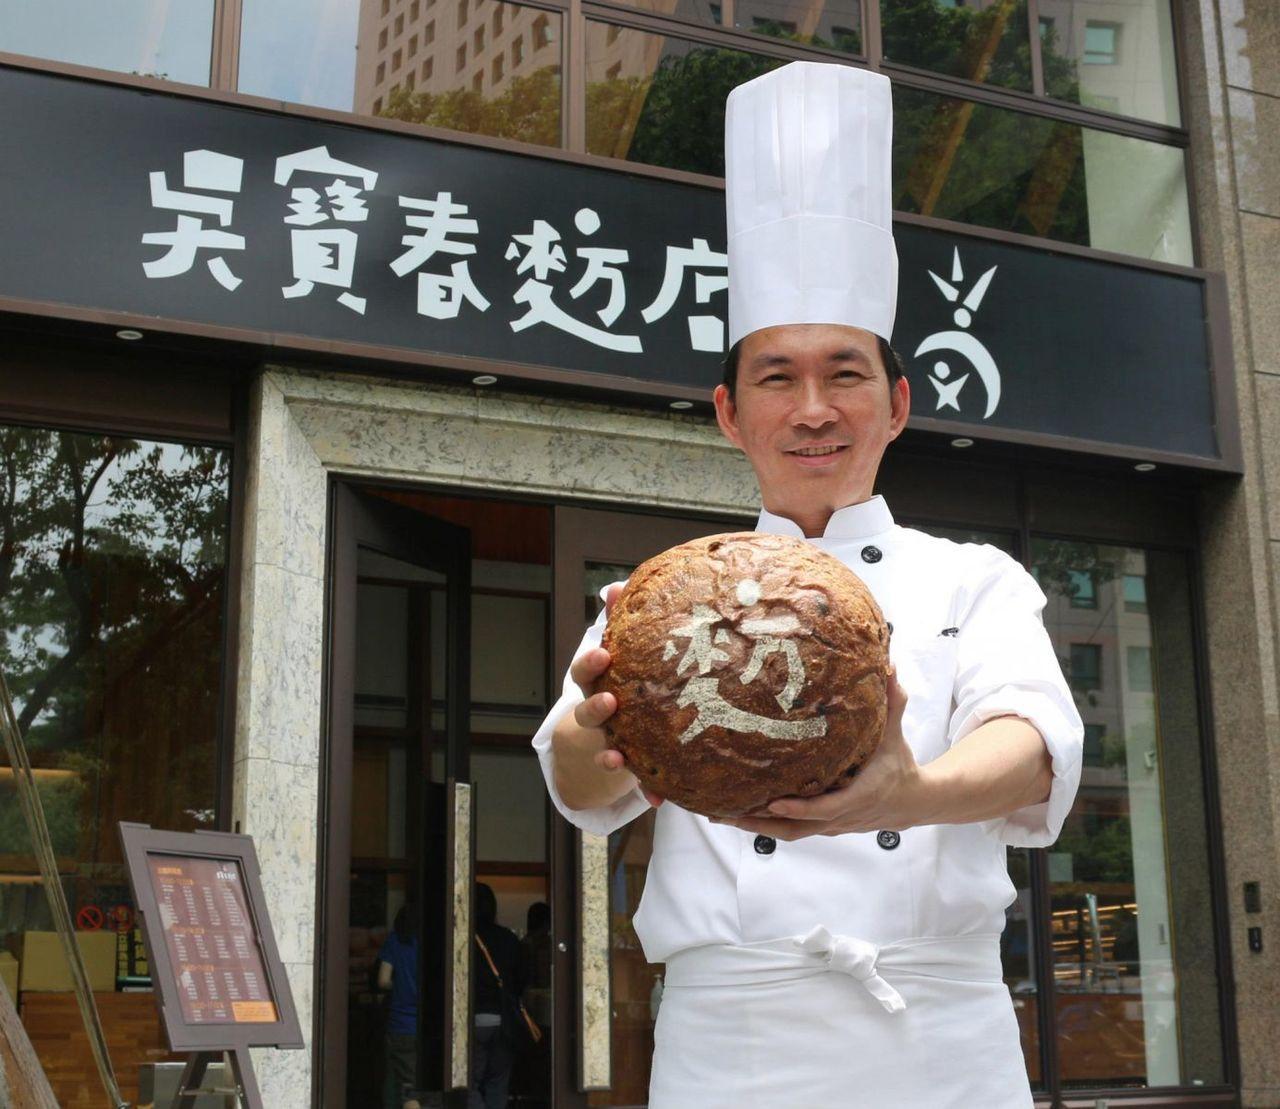 走過統獨風波,吳寶春麵包店現在已在中國上海開設第二家分店。(圖片來源/摘自吳寶春...